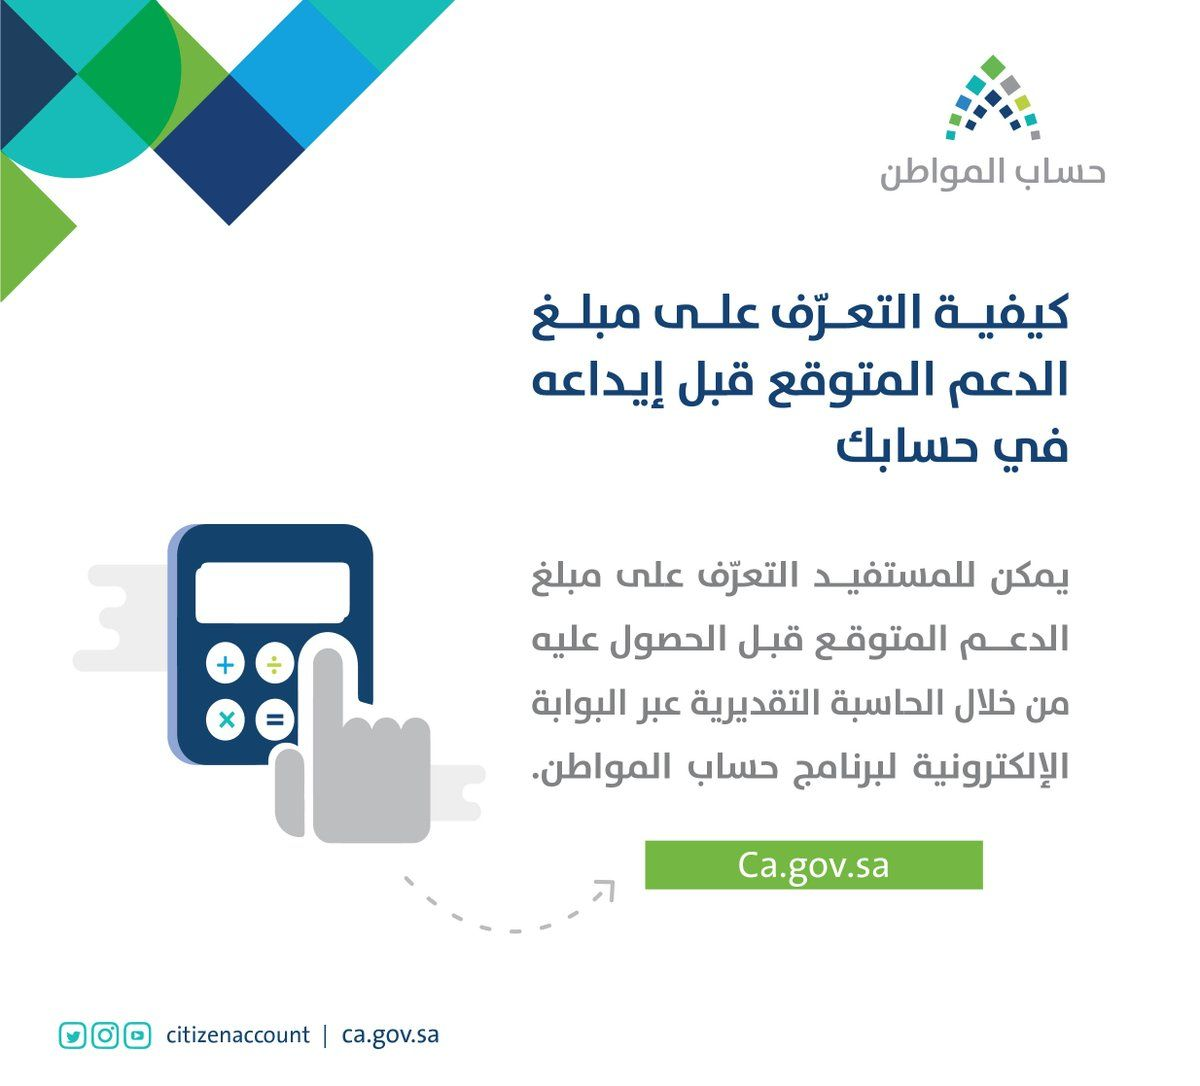 حساب المواطن يمكن استعلام مبلغ الدعم قبل الإيداع بهذه الطريقة Public